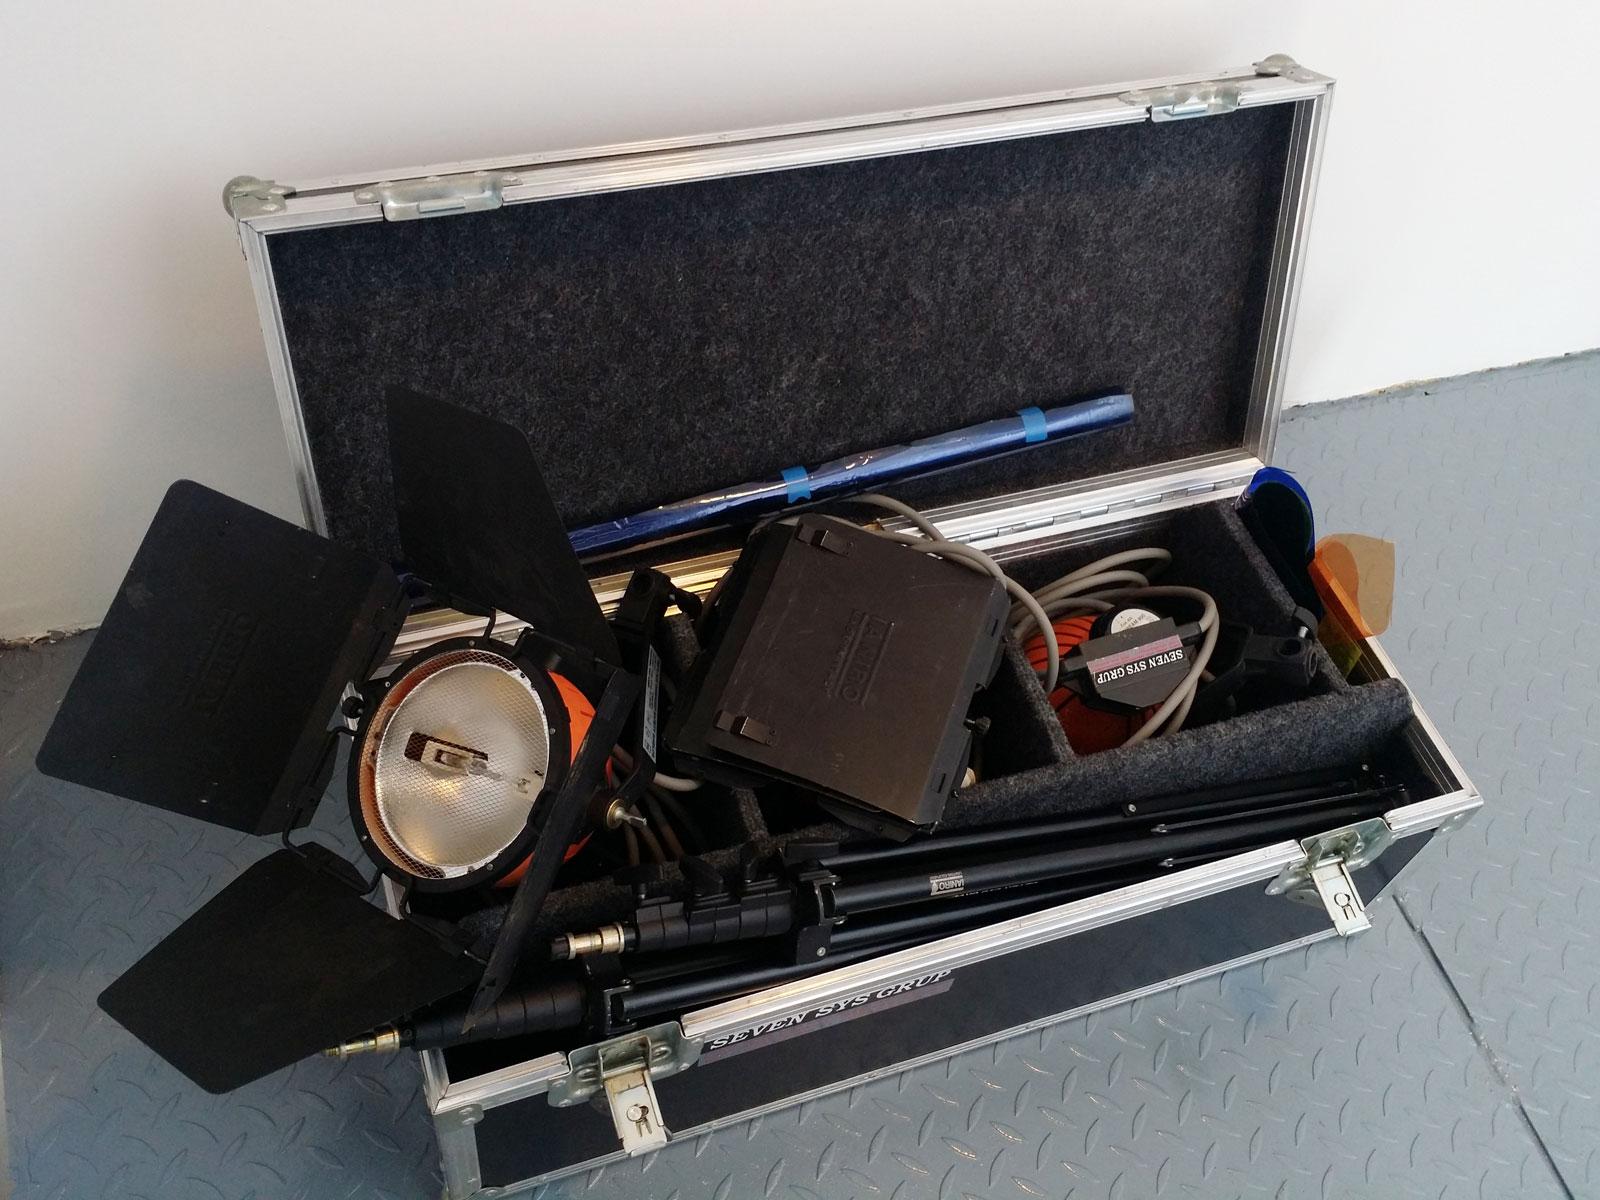 Inchiriere trusa kit lumini IANIRO 800W